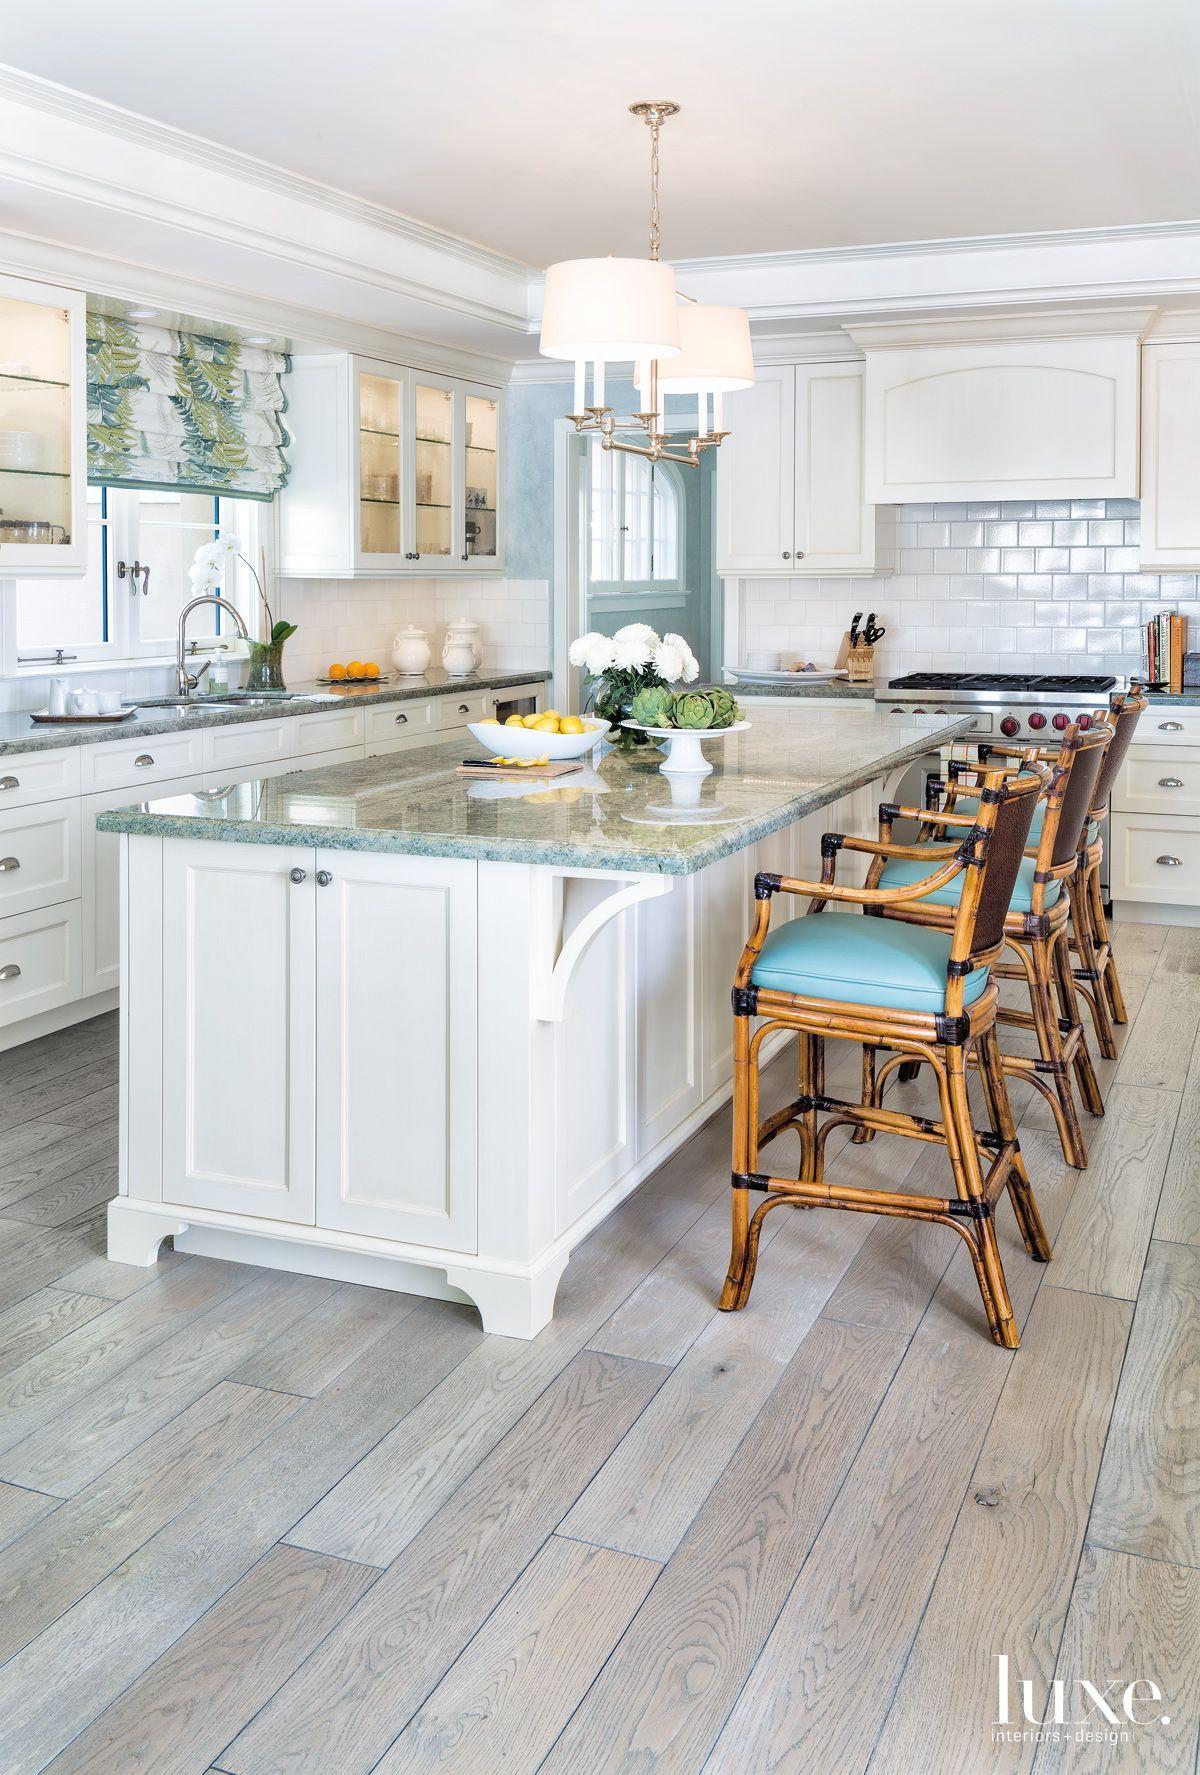 Beach Cottage Kitchen Countertops Cottage Kitchen Beach House Kitchens Interior Design Kitchen Beach House Interior